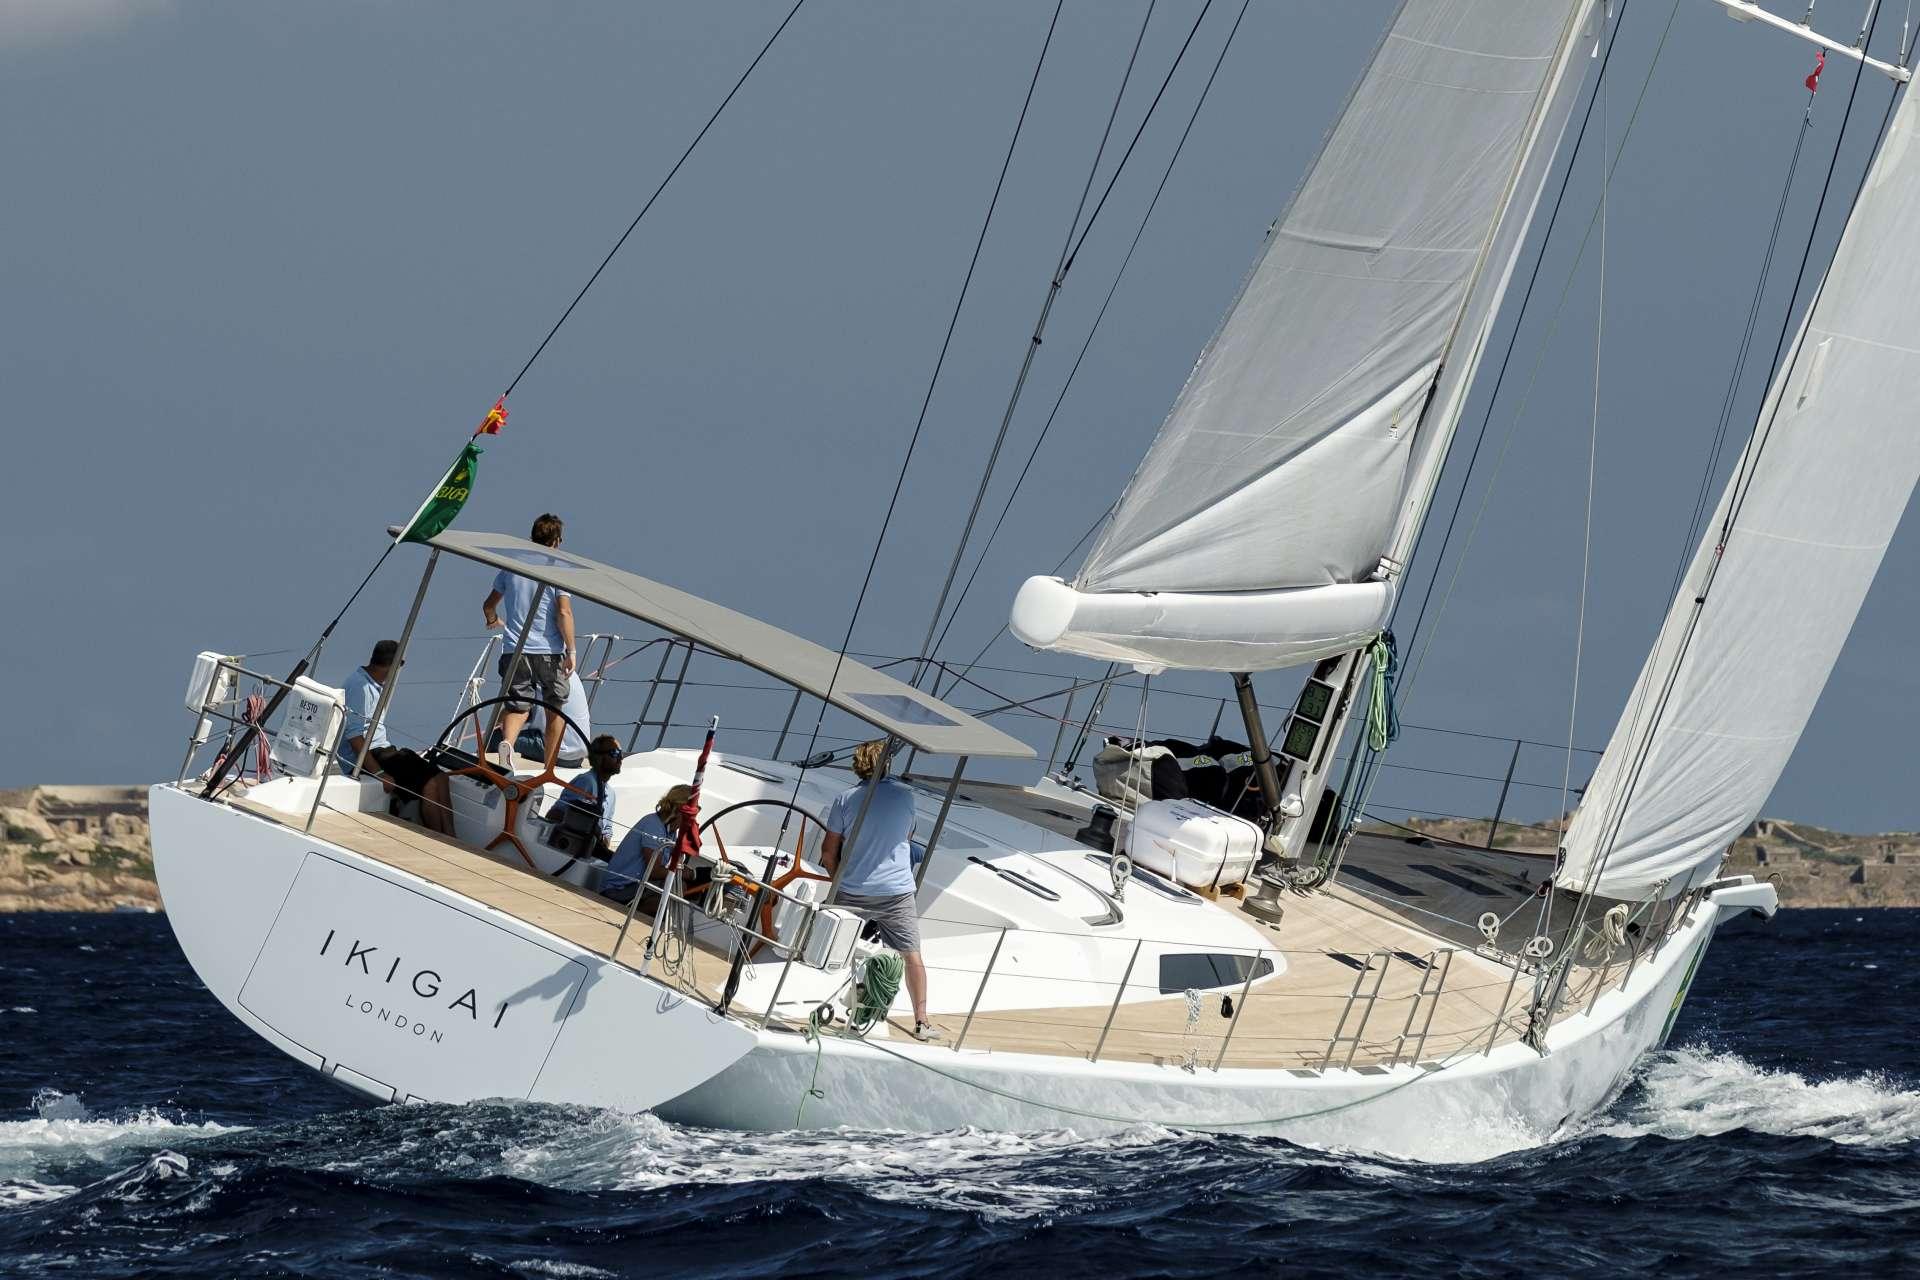 Image of IKIGAI yacht #9